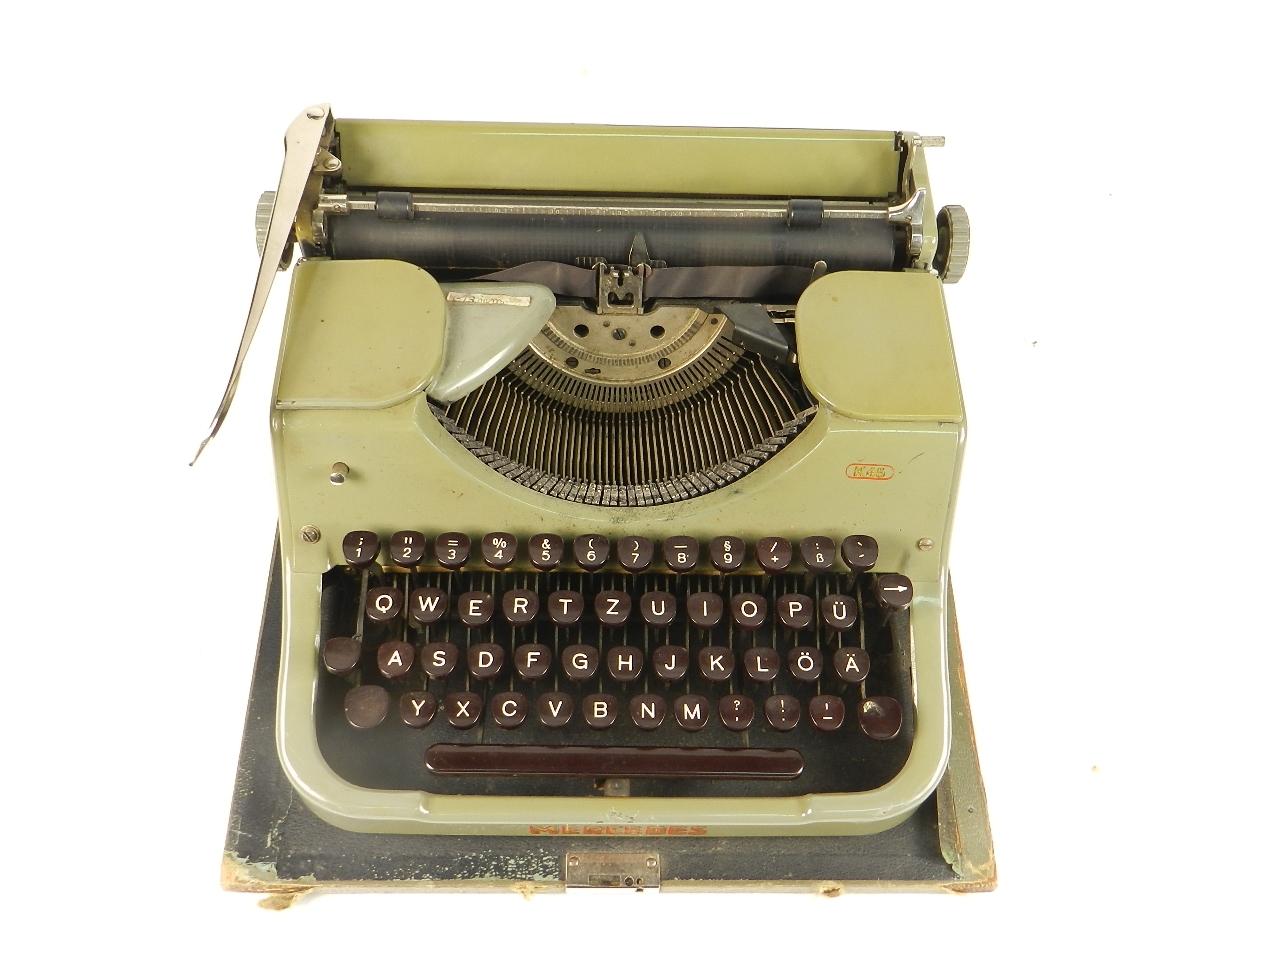 Imagen MERCEDES K45 AÑO 1950 34525